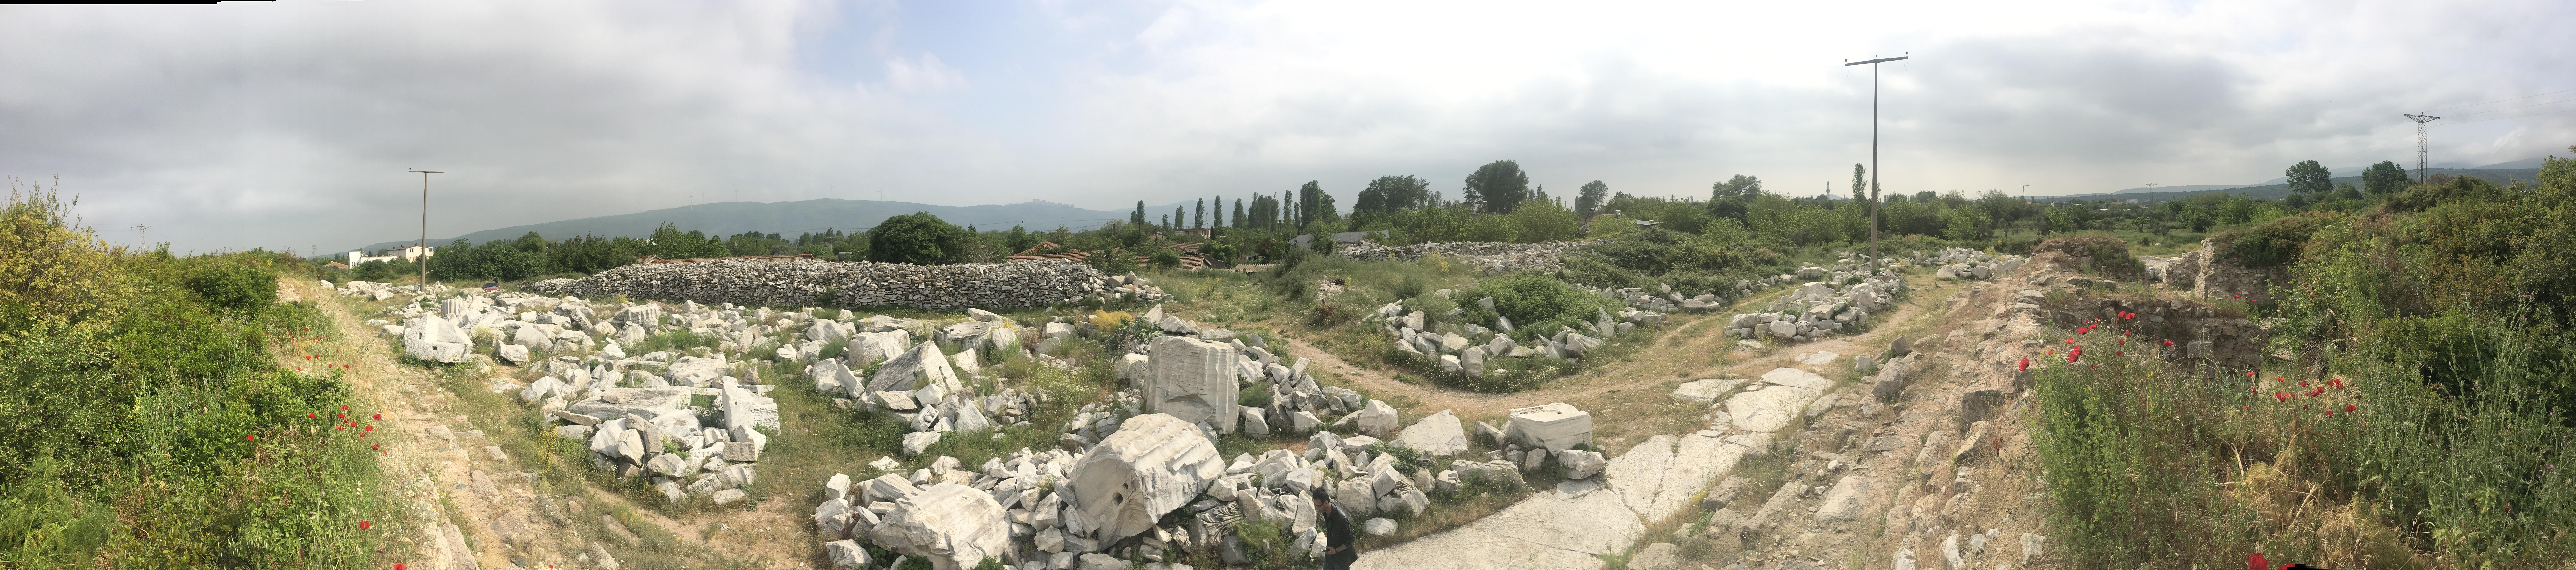 Hadriyan Tapınağı Genel Görünümü, Kyzikos(Cyzicus) Antik Kenti